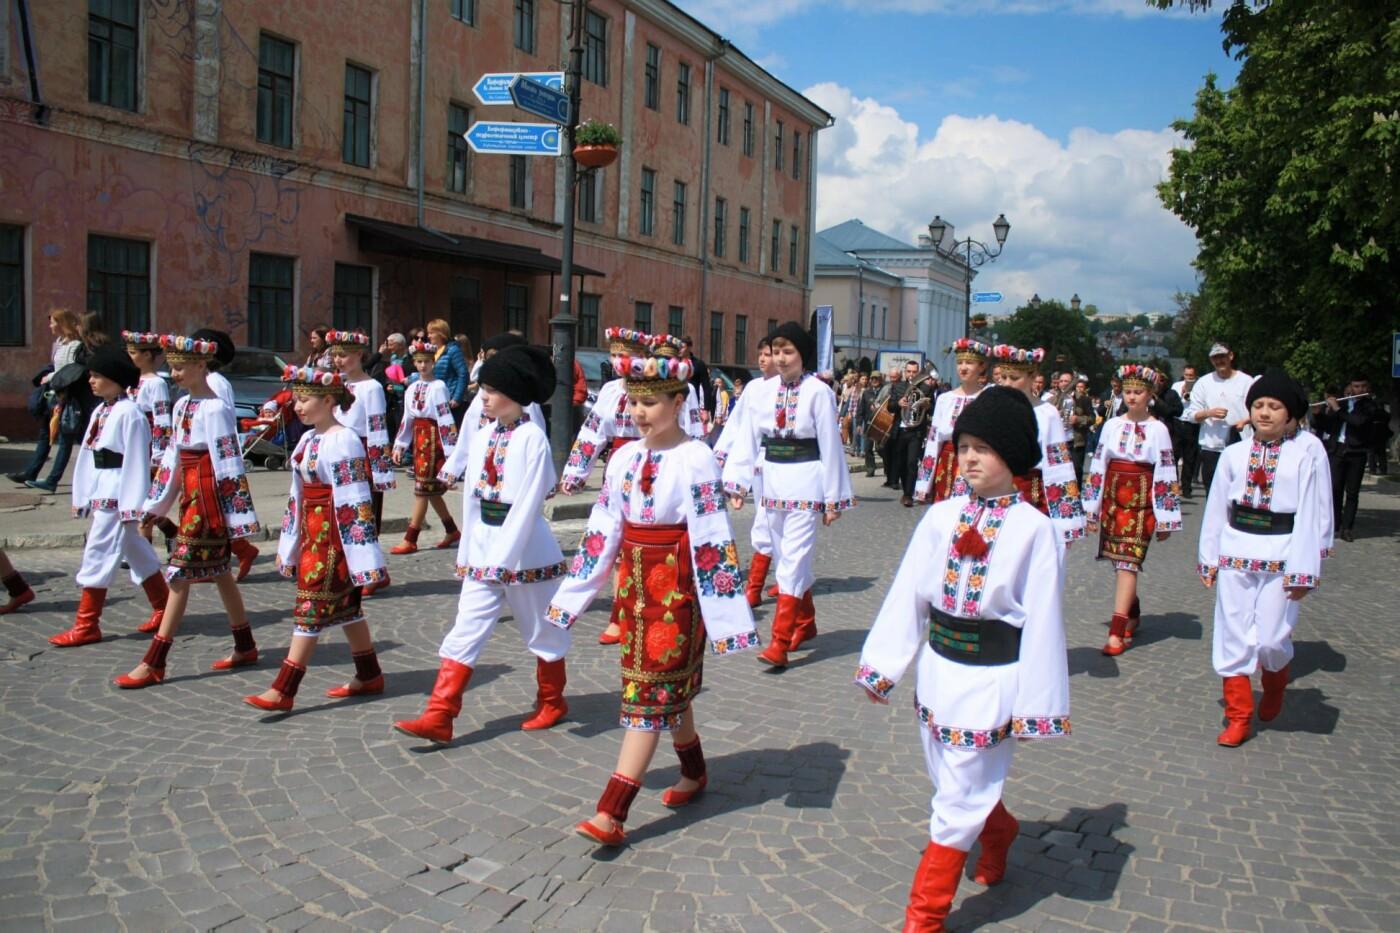 Кам'янець-Подільський святкує День міста, фото-3, Фото: Кам'янець-Подільська міська рада